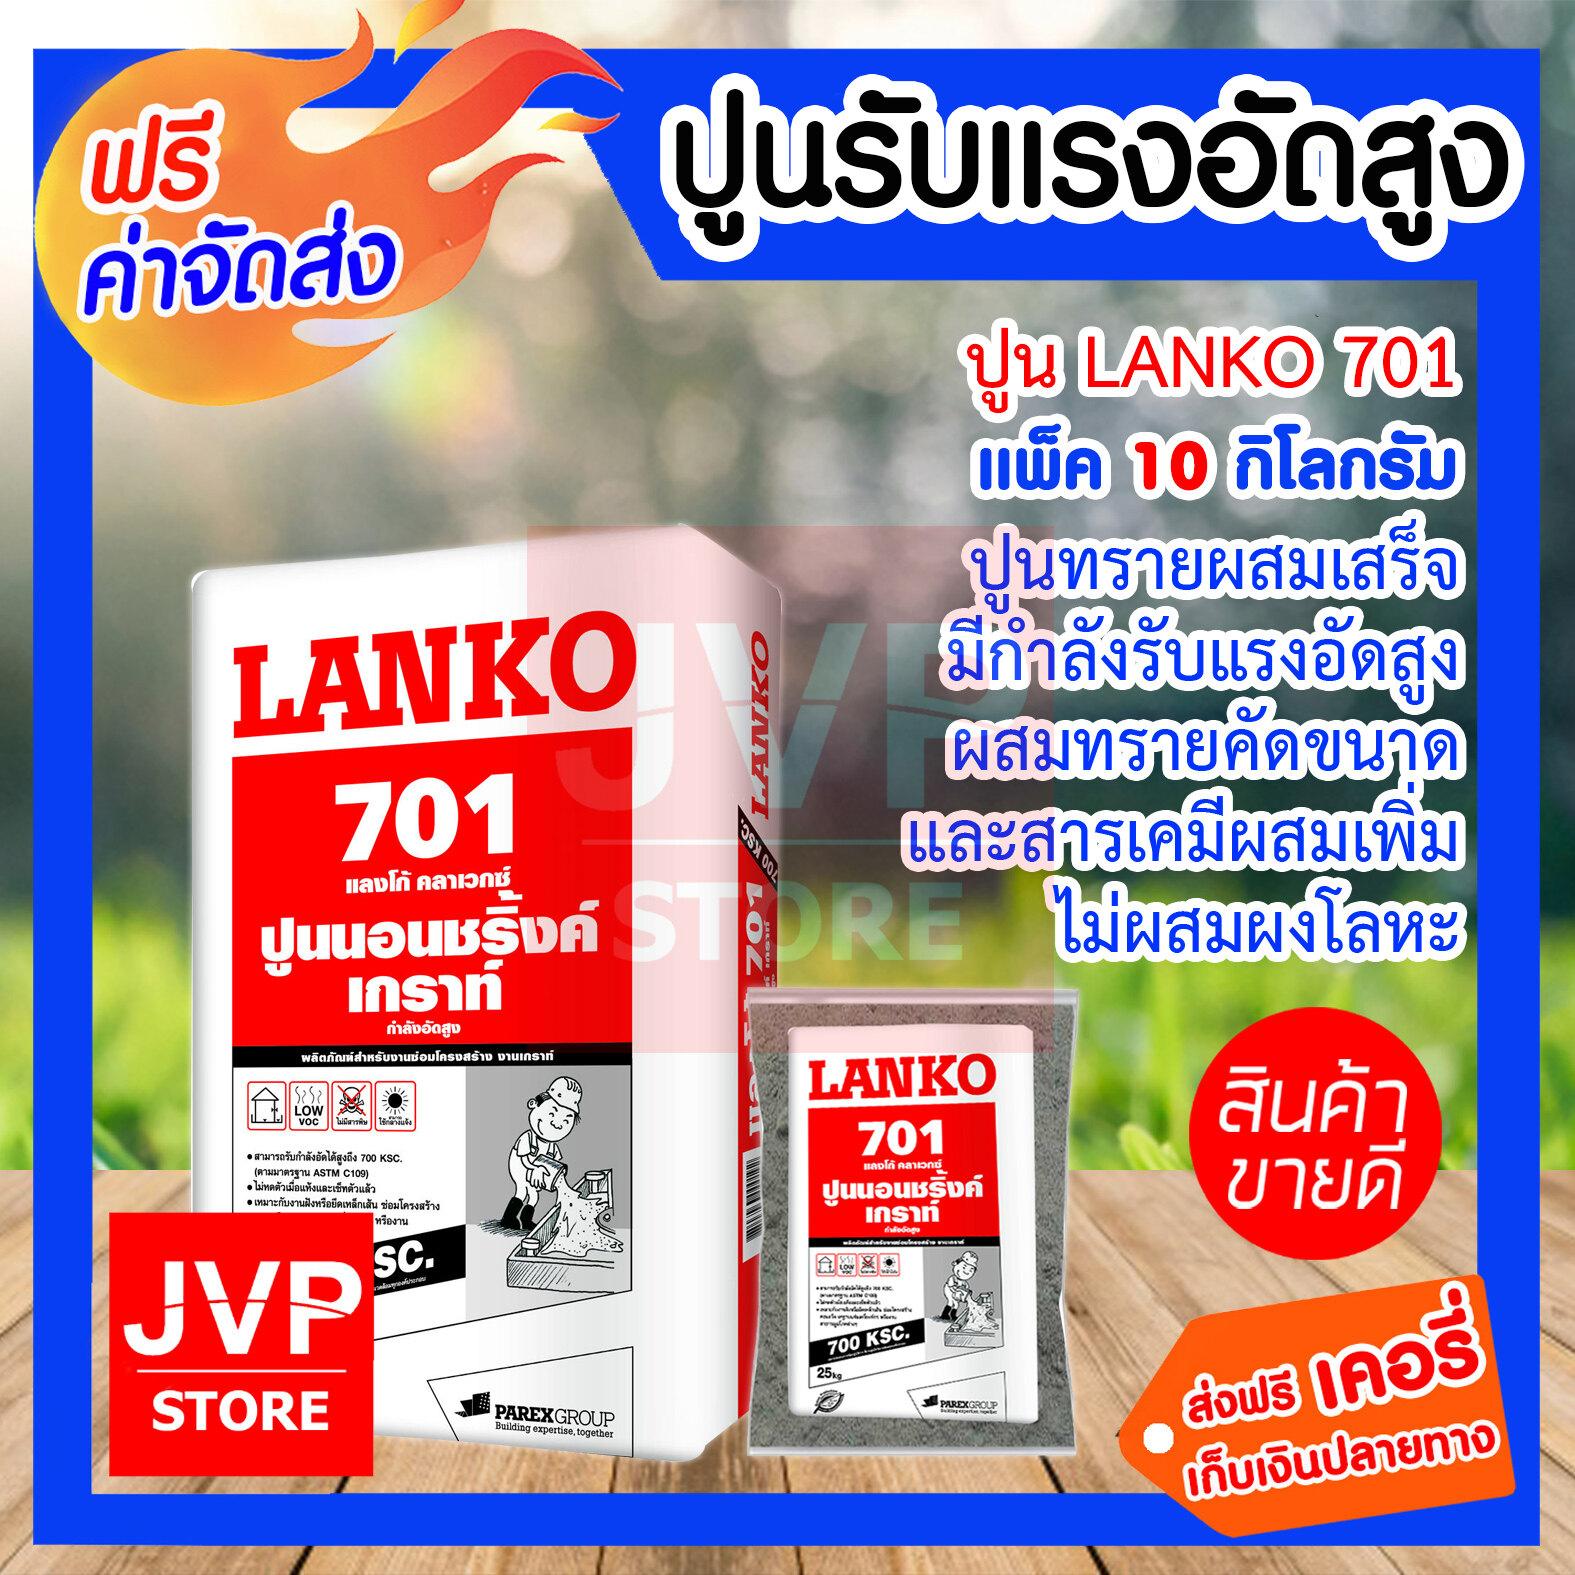 **ส่งฟรี**ปูน LANKO701 ปูนรับแรงอัดสูง มีให้เลือกแพ็คละ 1-23กิโลกรัม (Cement) ปูนทรายผสมเสร็จ ชนิดไม่หดตัวมีกำลังรับแรงอัดสูง ประกอบด้วยซีเมนต์ทรายคัดขนาดและสารเคมีผสมเพิ่ม ไม่ผสมผงโลหะ